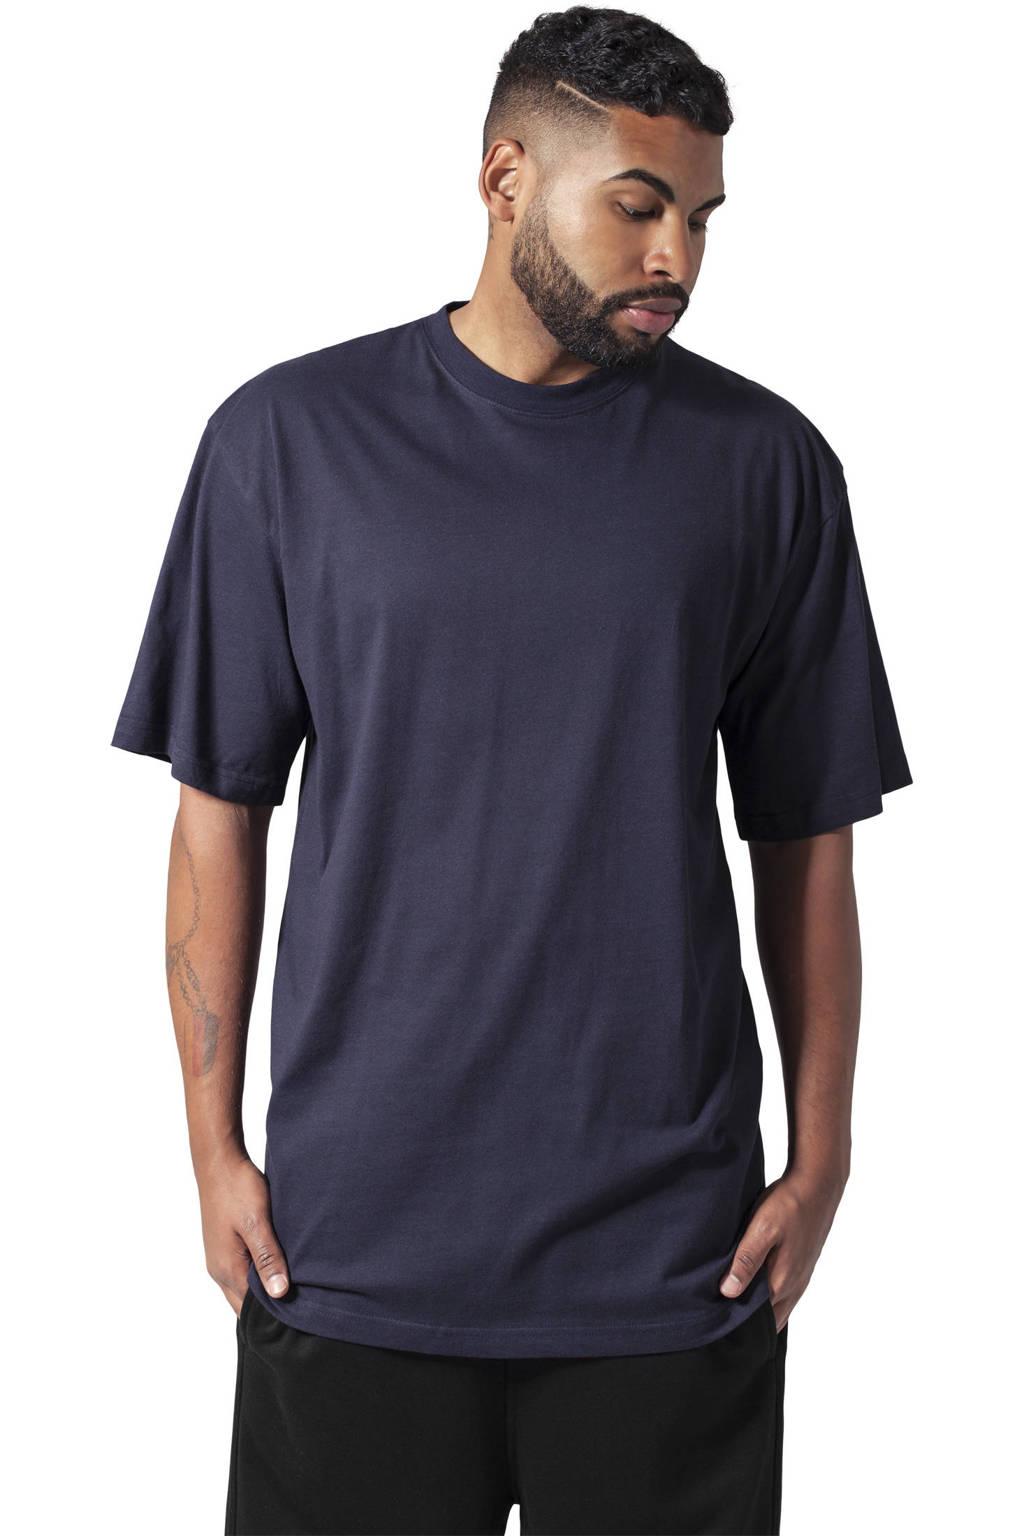 Urban Classics oversized T-shirt donkerblauw, Donkerblauw